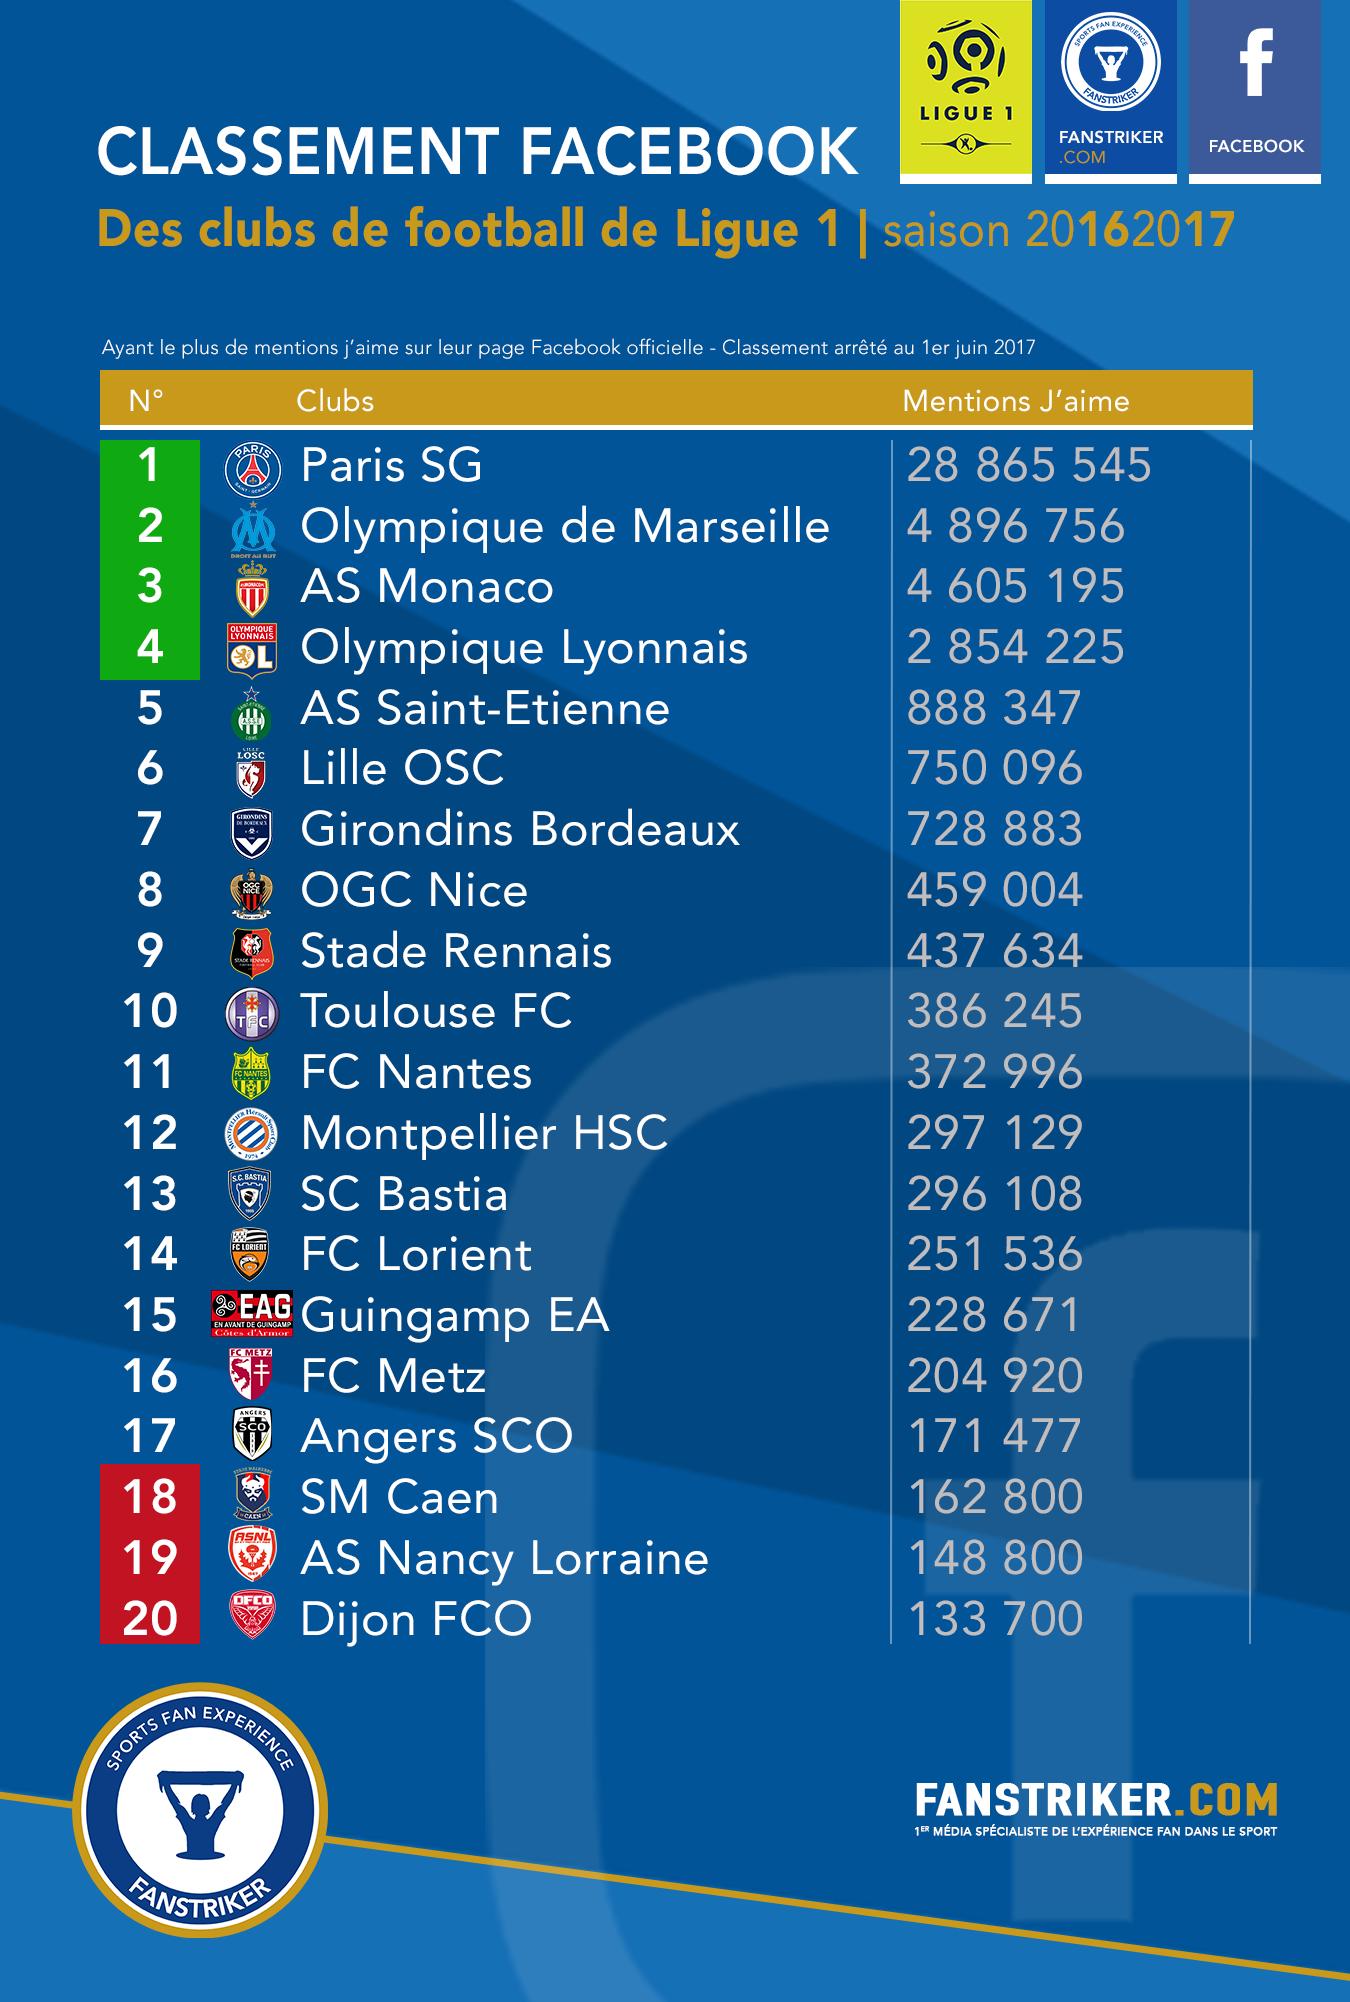 Le classement Facebook des clubs de Ligue 1